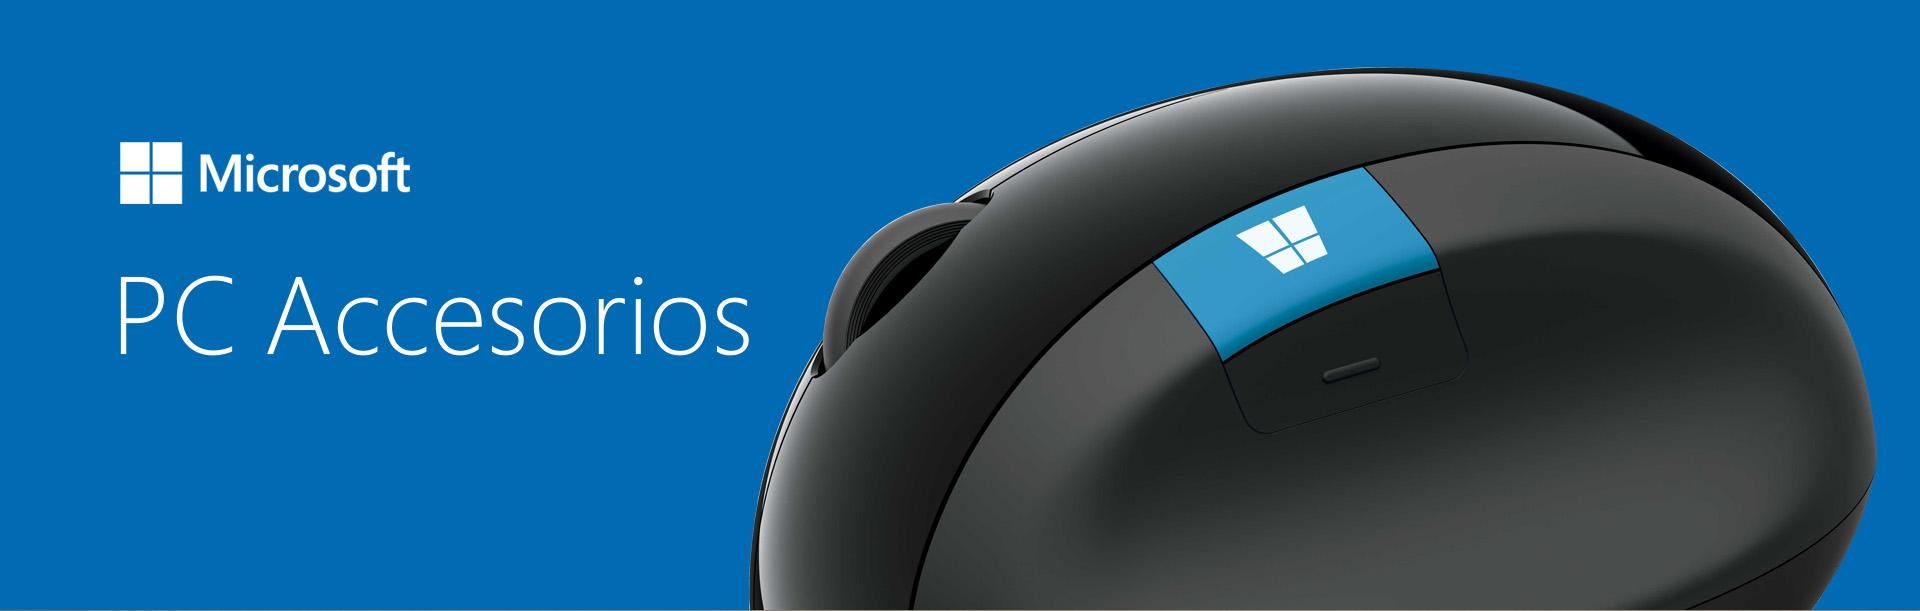 Campañas de lanzamientos de accesorios para PC/Mac Microsoft